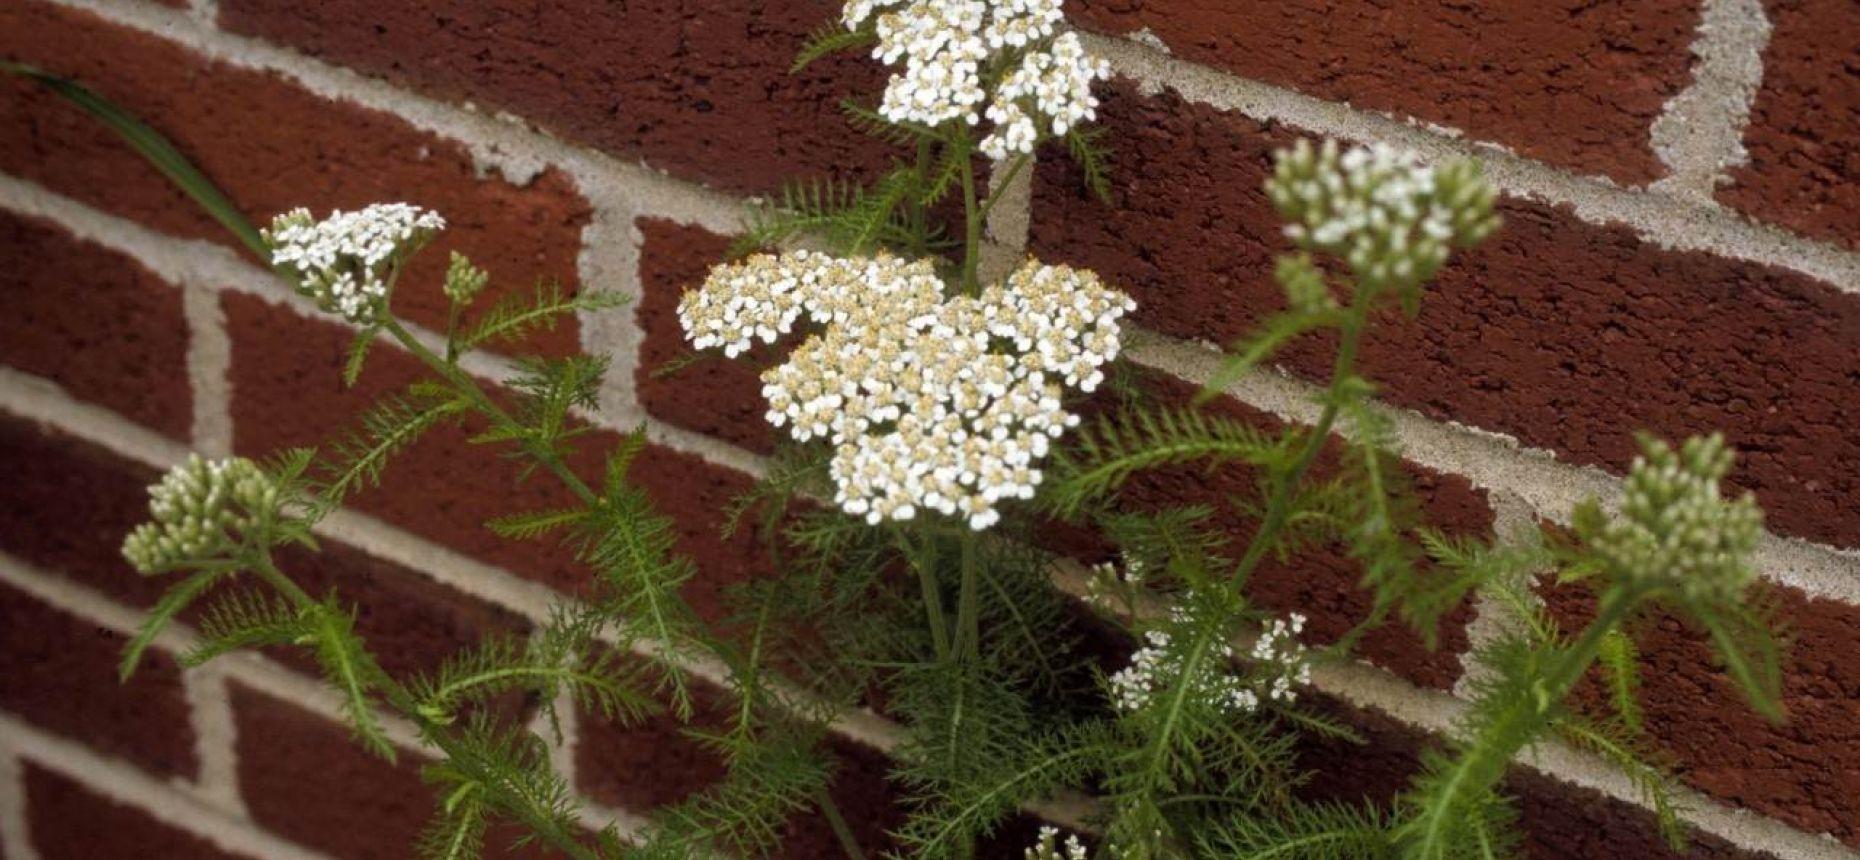 Тысячелистник обыкновенный, Порезная трава - Achillea millefolium L.